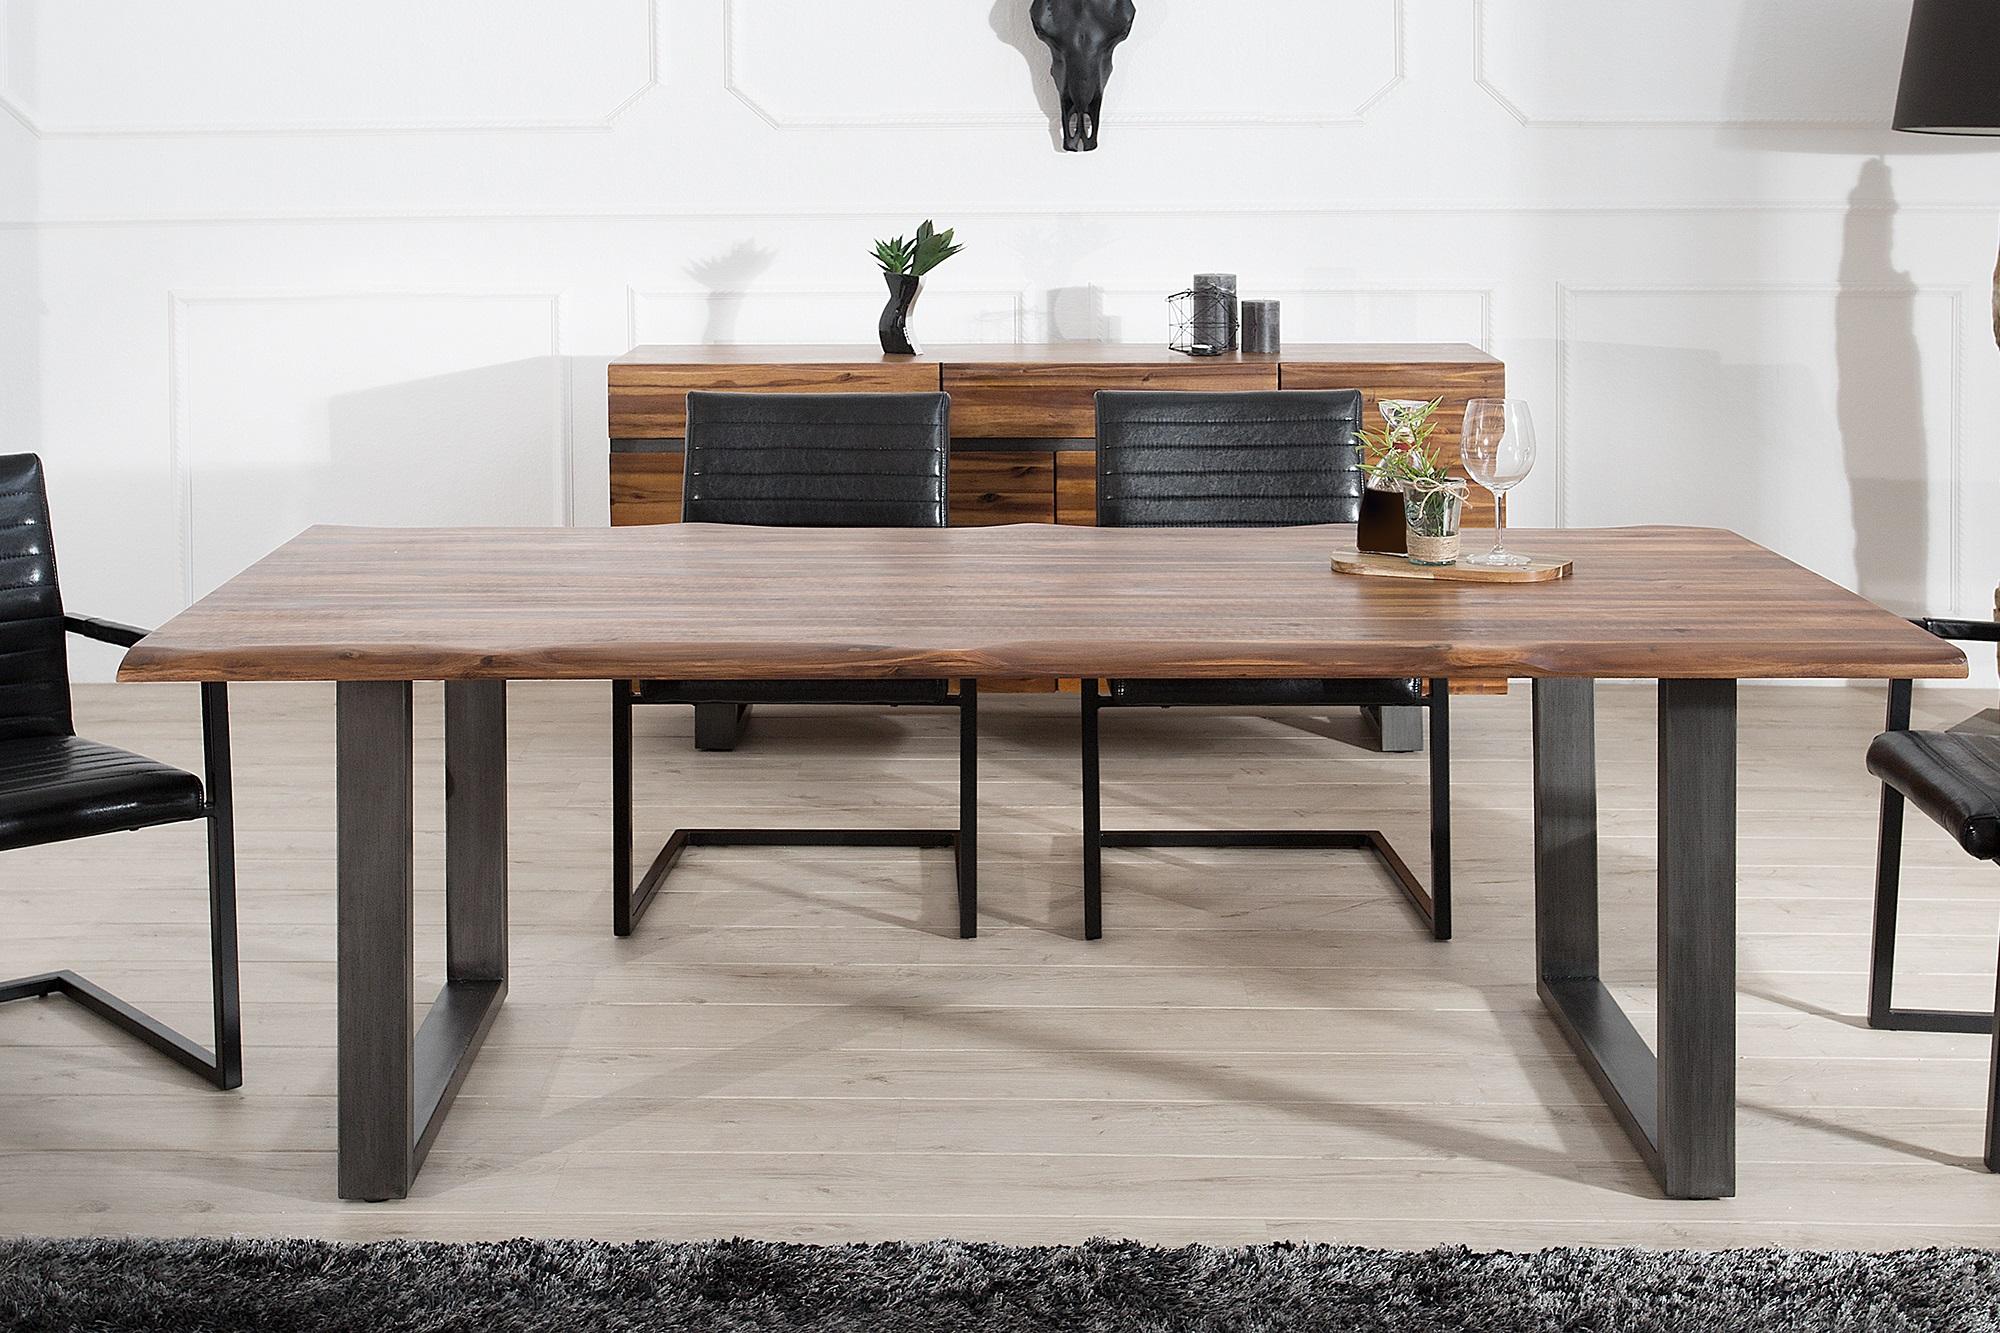 Tafel Van Boomstam : Kolomtafel meubeldeals